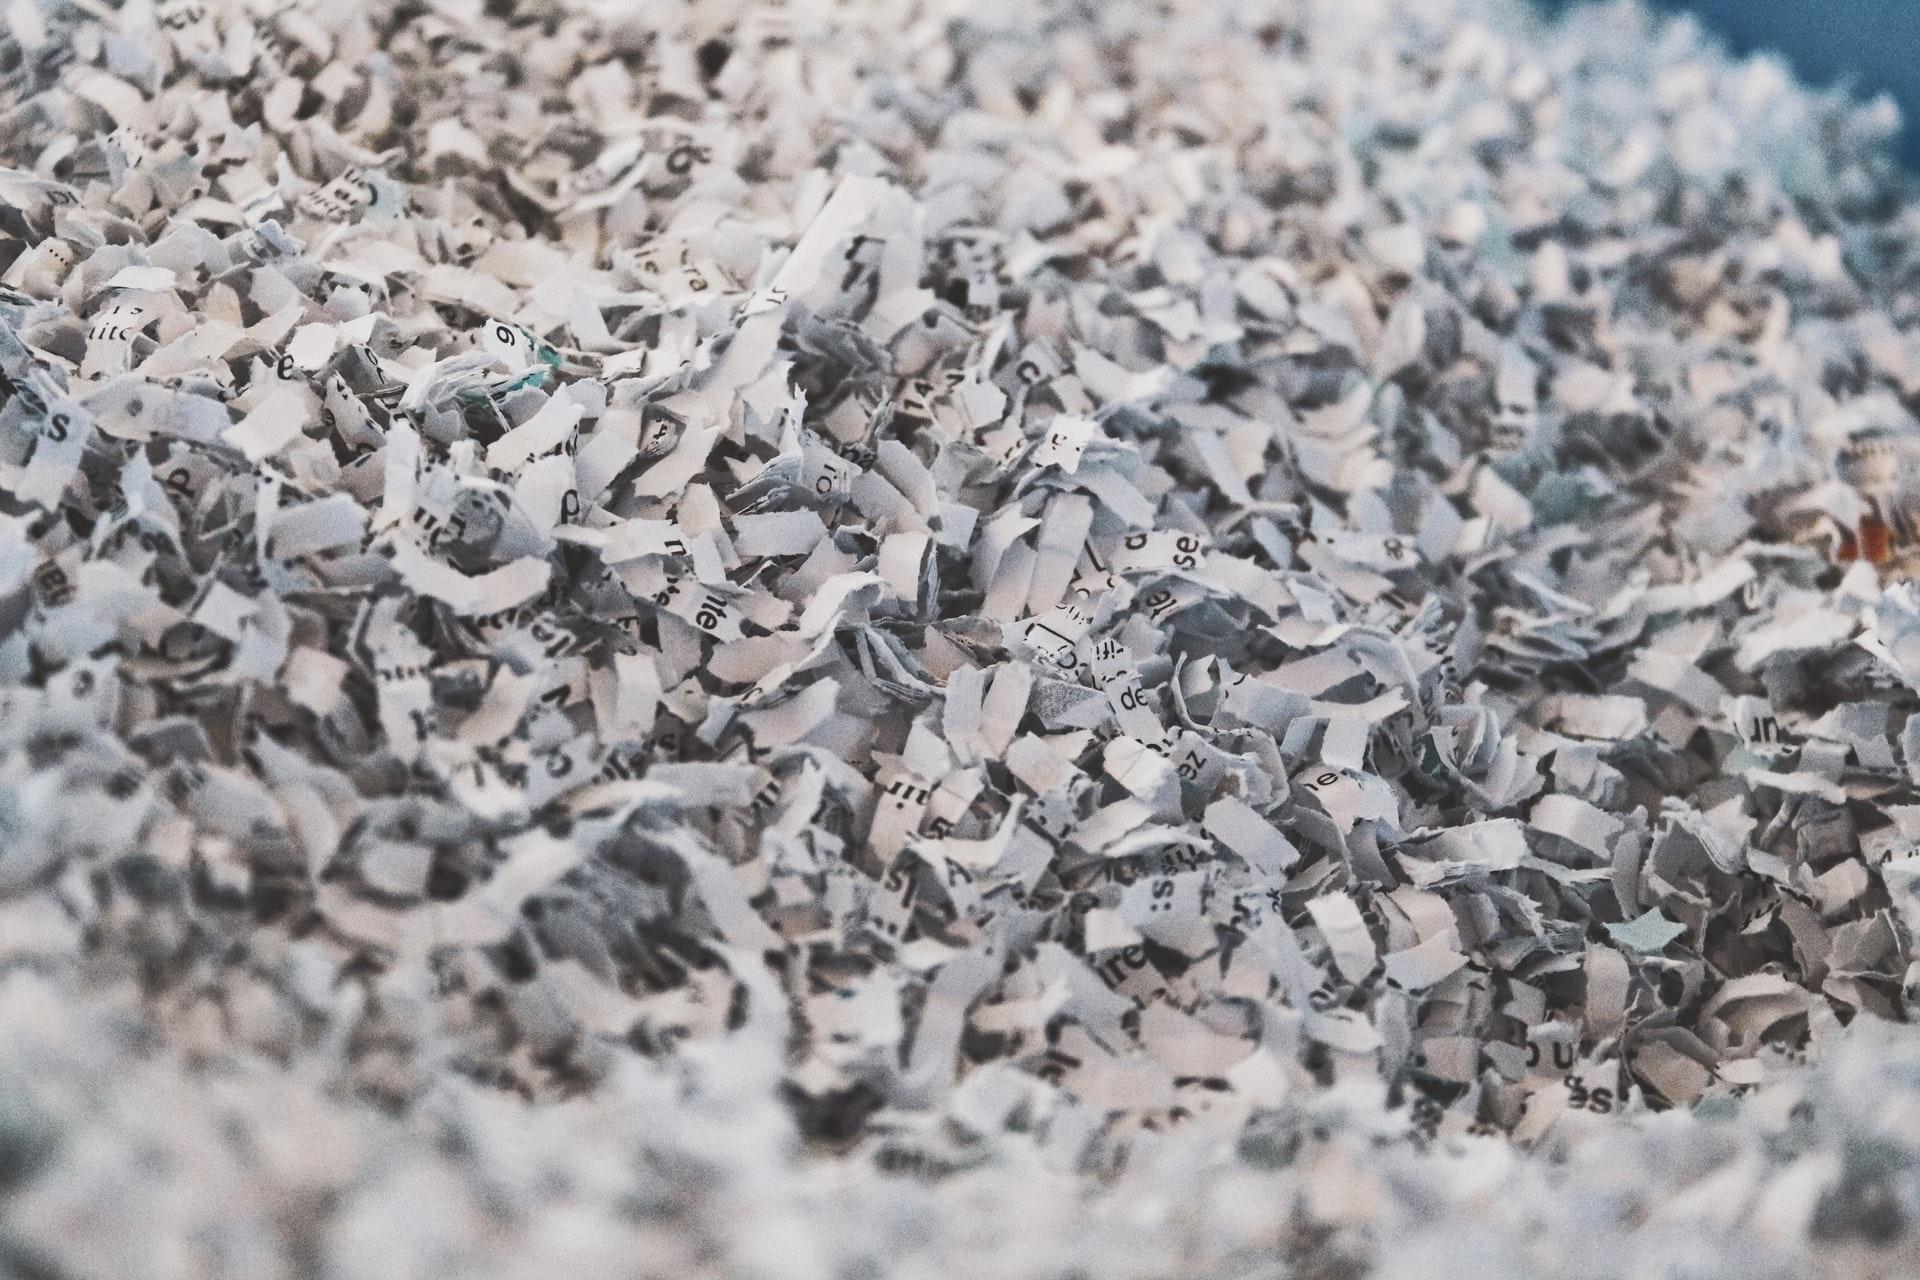 best value paper shredder